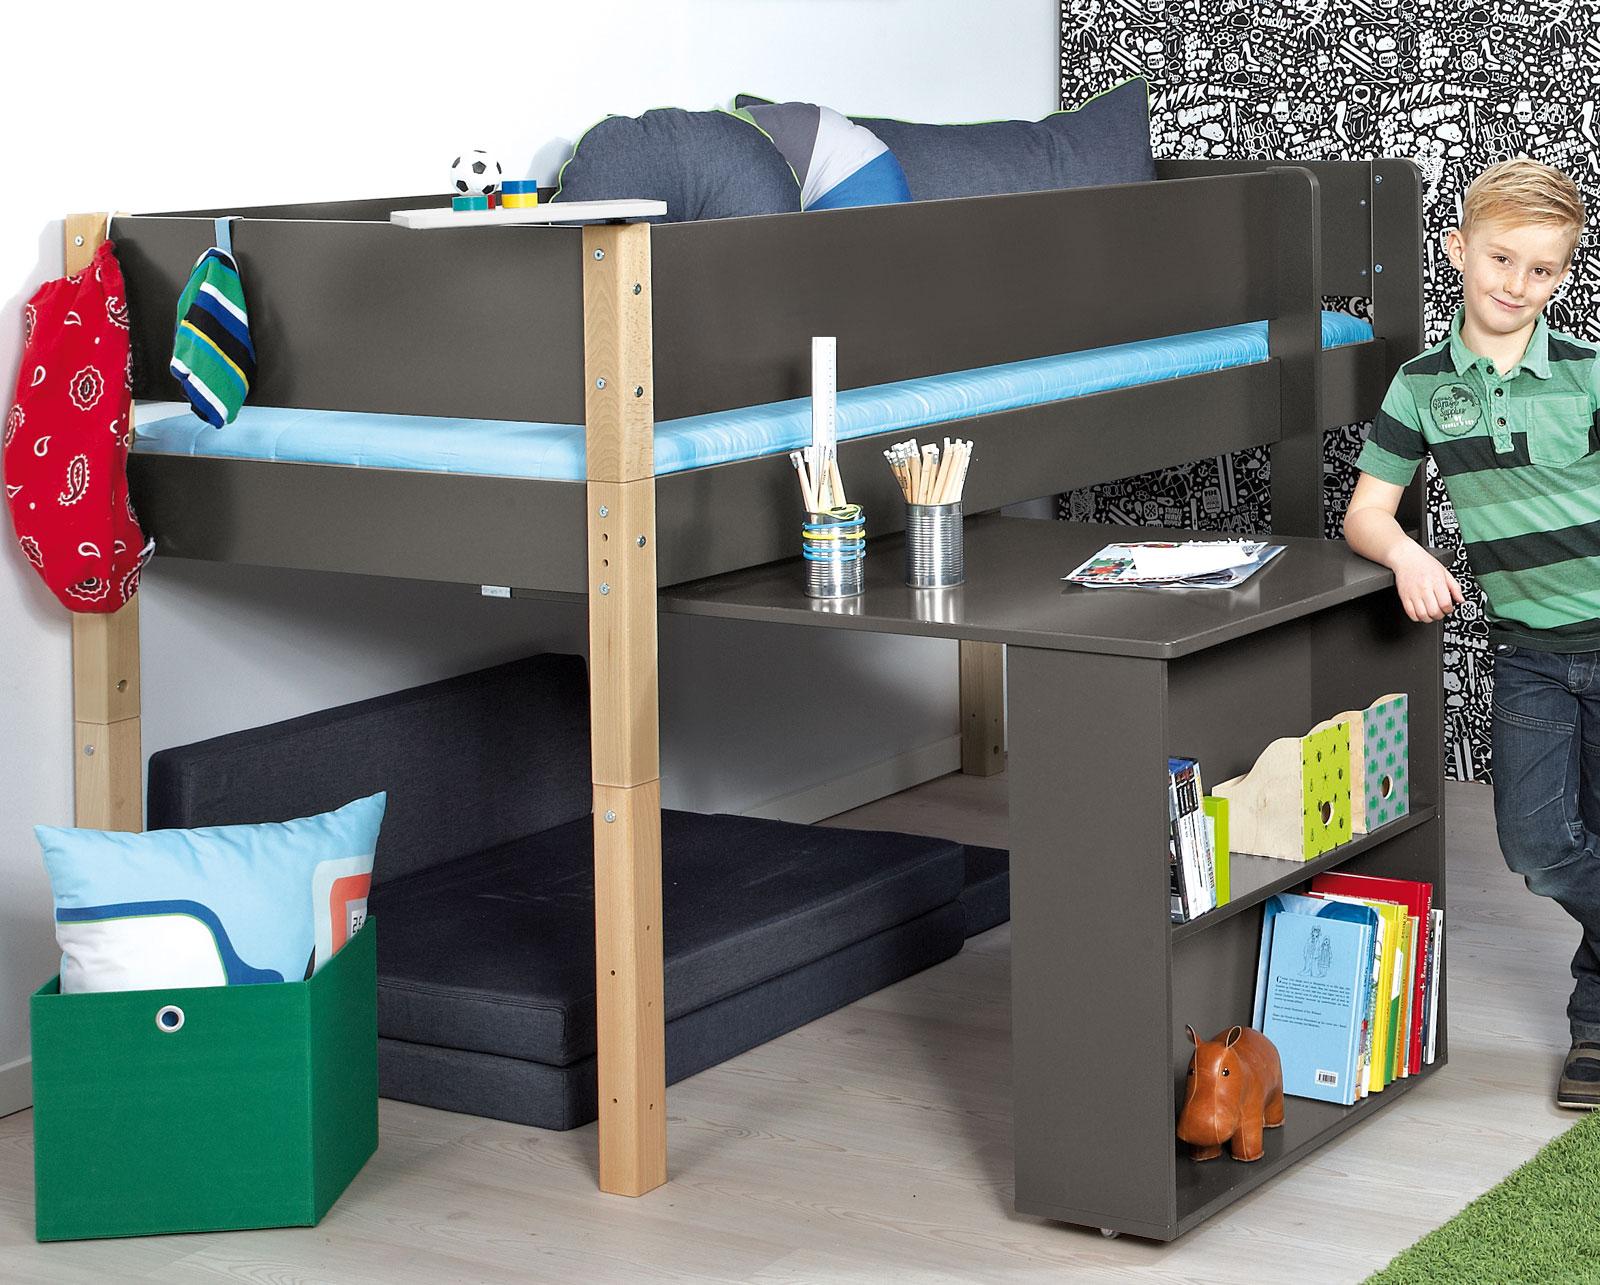 Mini-Hochbett mit Auszieh-Schreibtisch und Regal - Kids Town